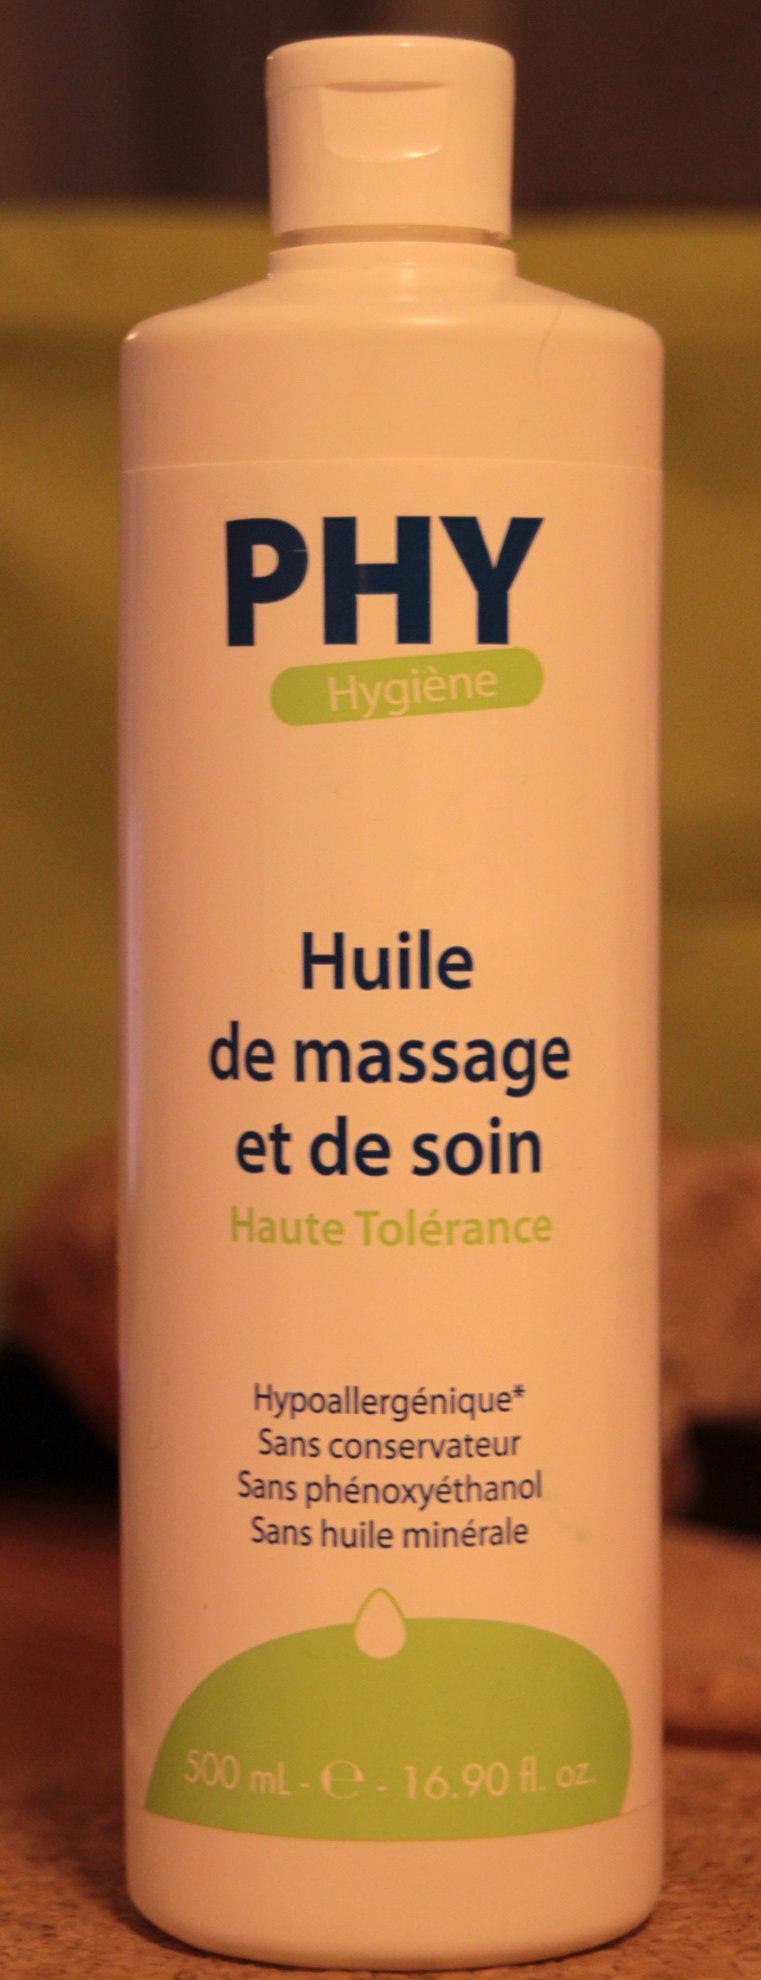 Huile de massage et de soin - Product